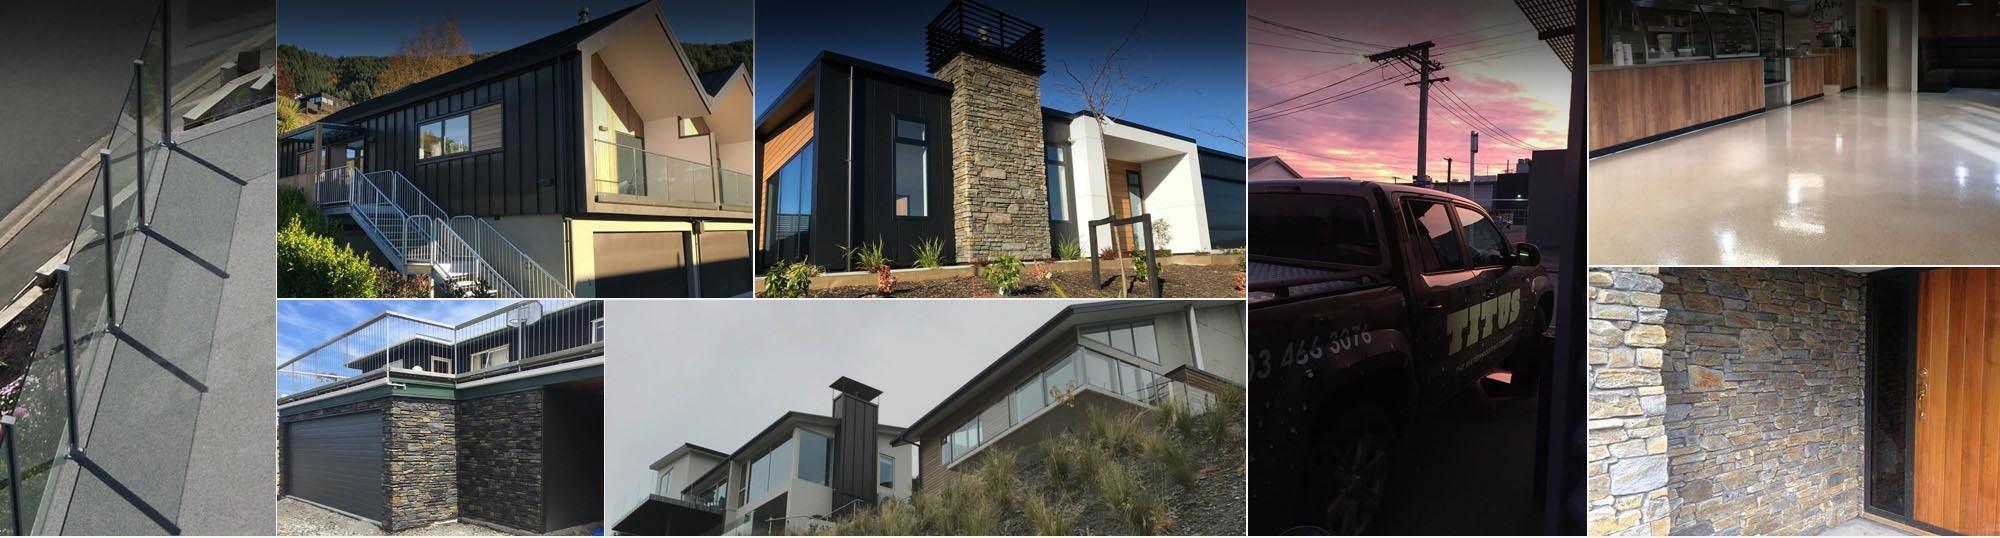 Waterproofing Membrane Nz Wide Based In Dunedin Otago